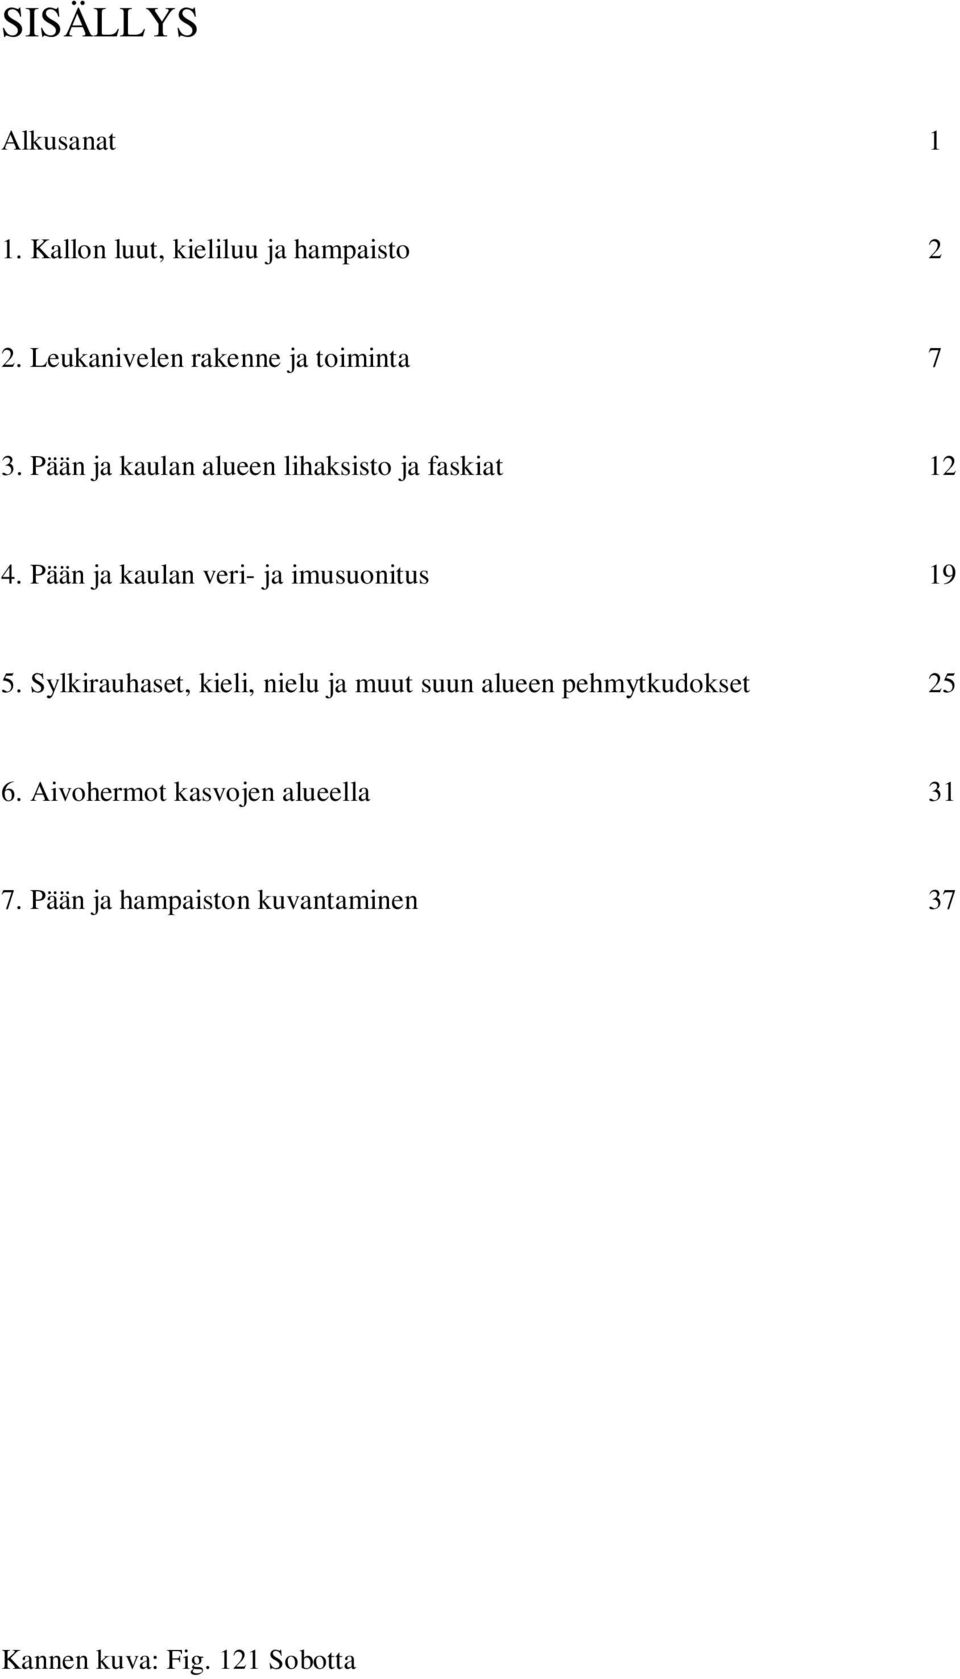 Turun yliopisto Biolääketieteen laitos Anatomia. Pään ja